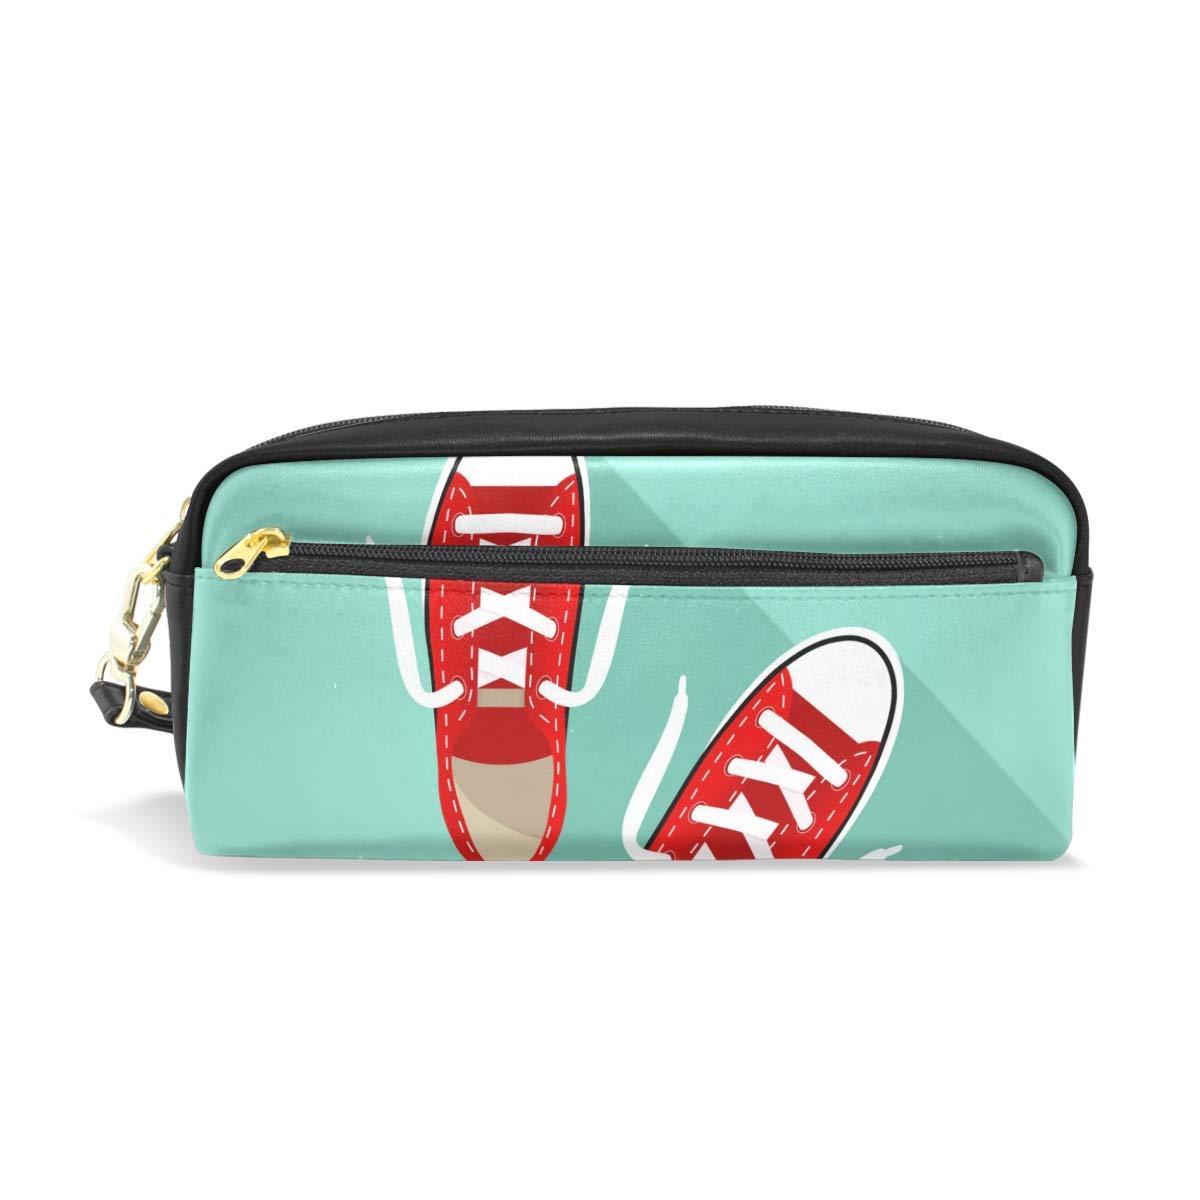 Estuche de piel para lápices, diseño de zapatillas rojas sobre fondo turquesa: Amazon.es: Oficina y papelería